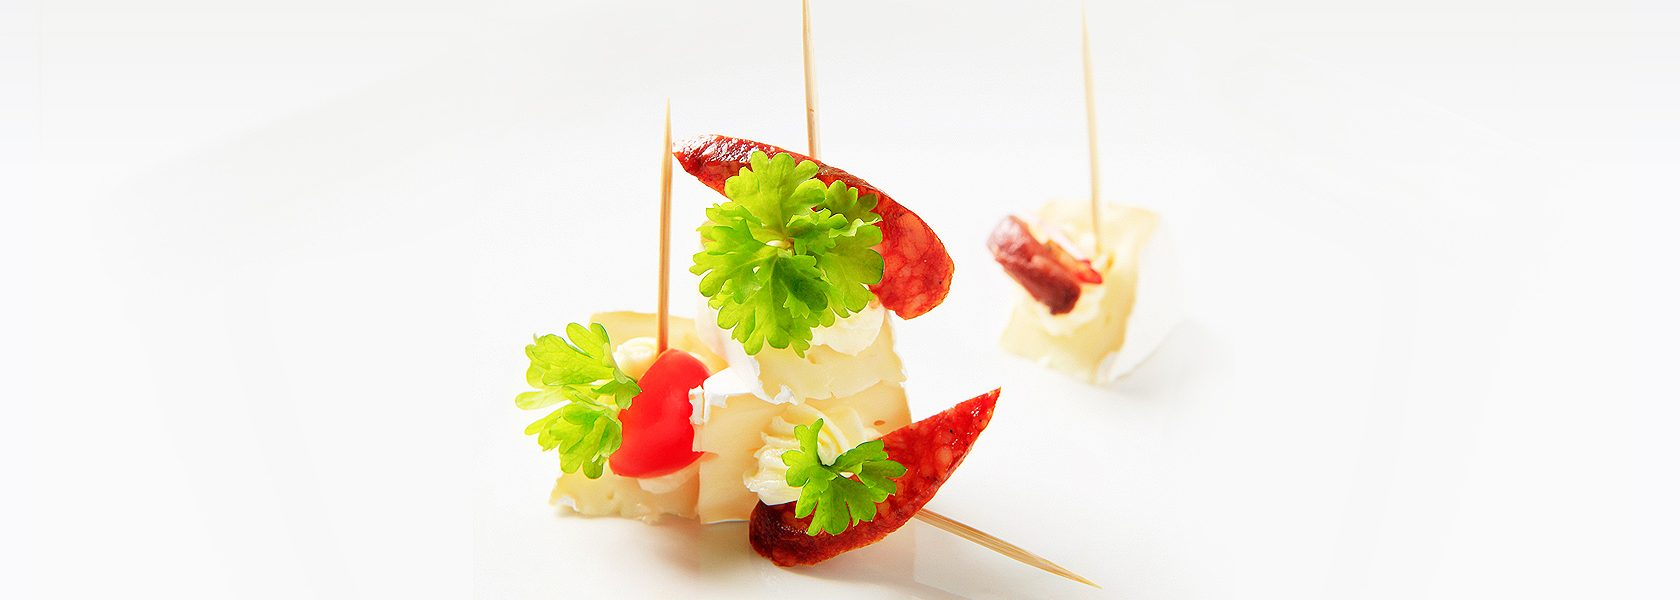 03-snack